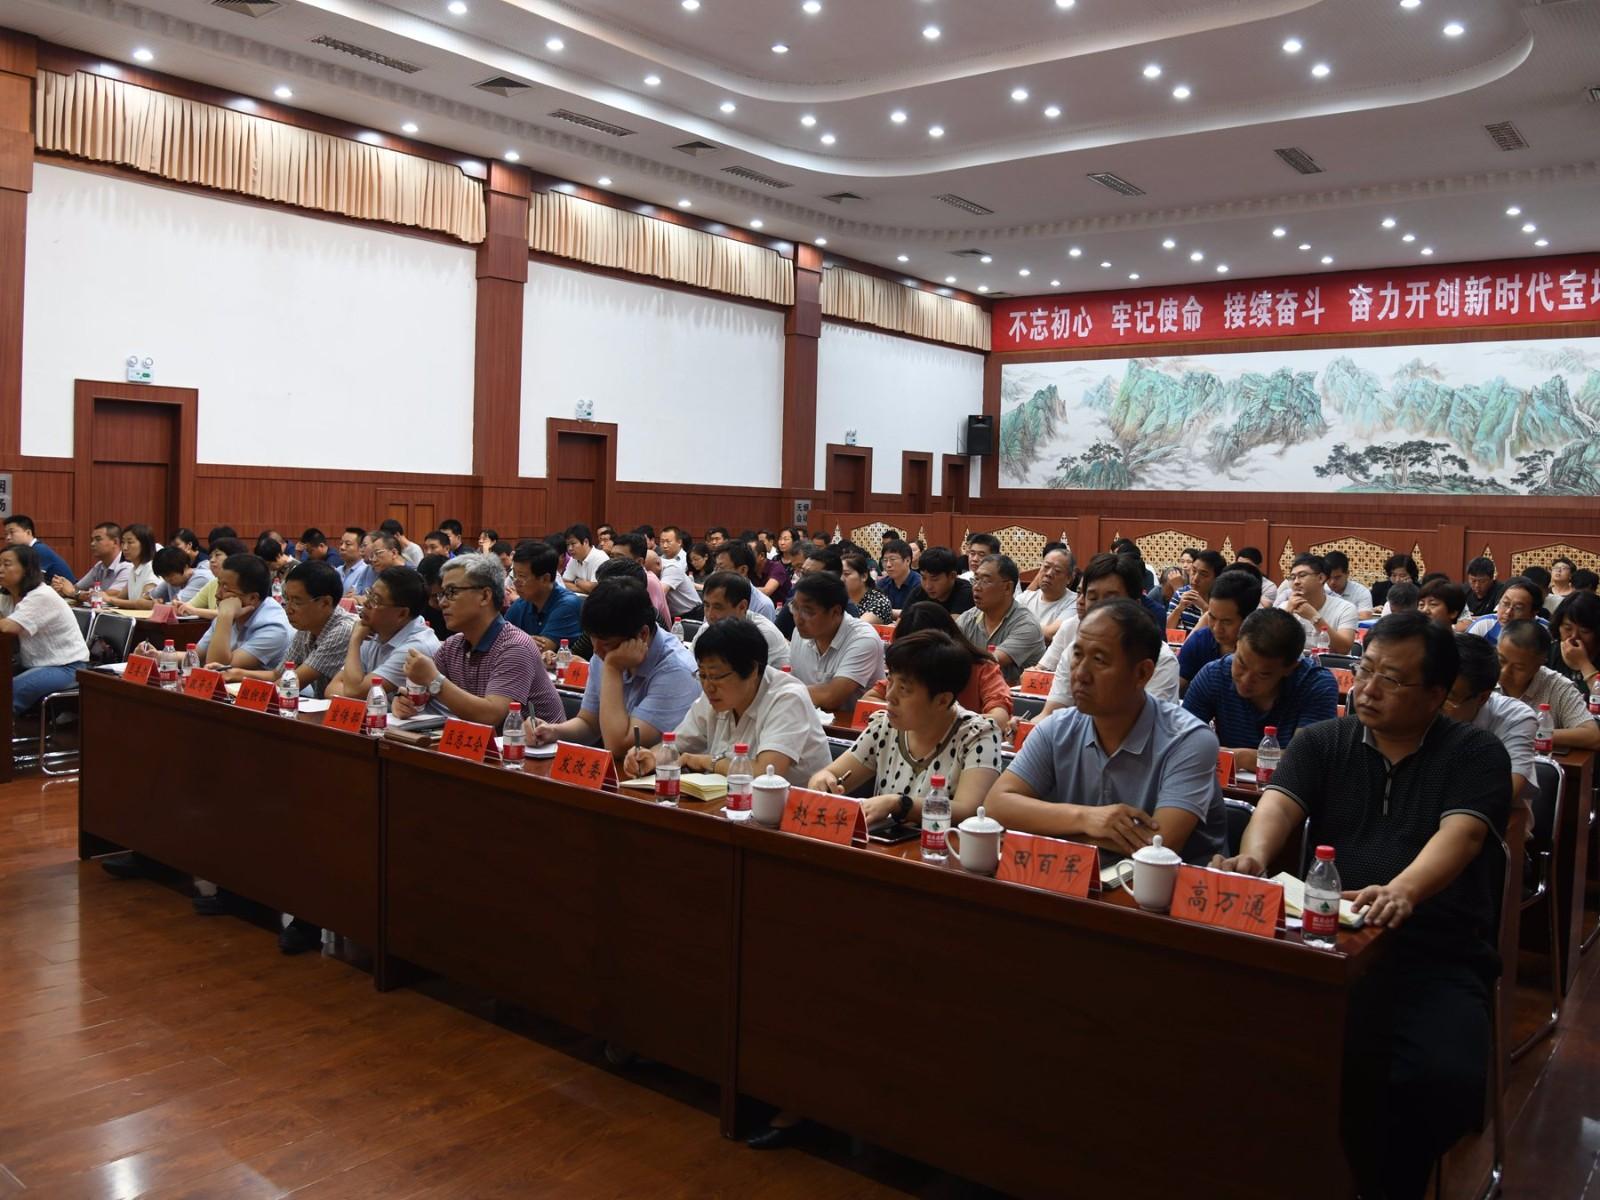 宝坻区召开学习贯彻习近平新时代中国特色社会主义思想专题培训班